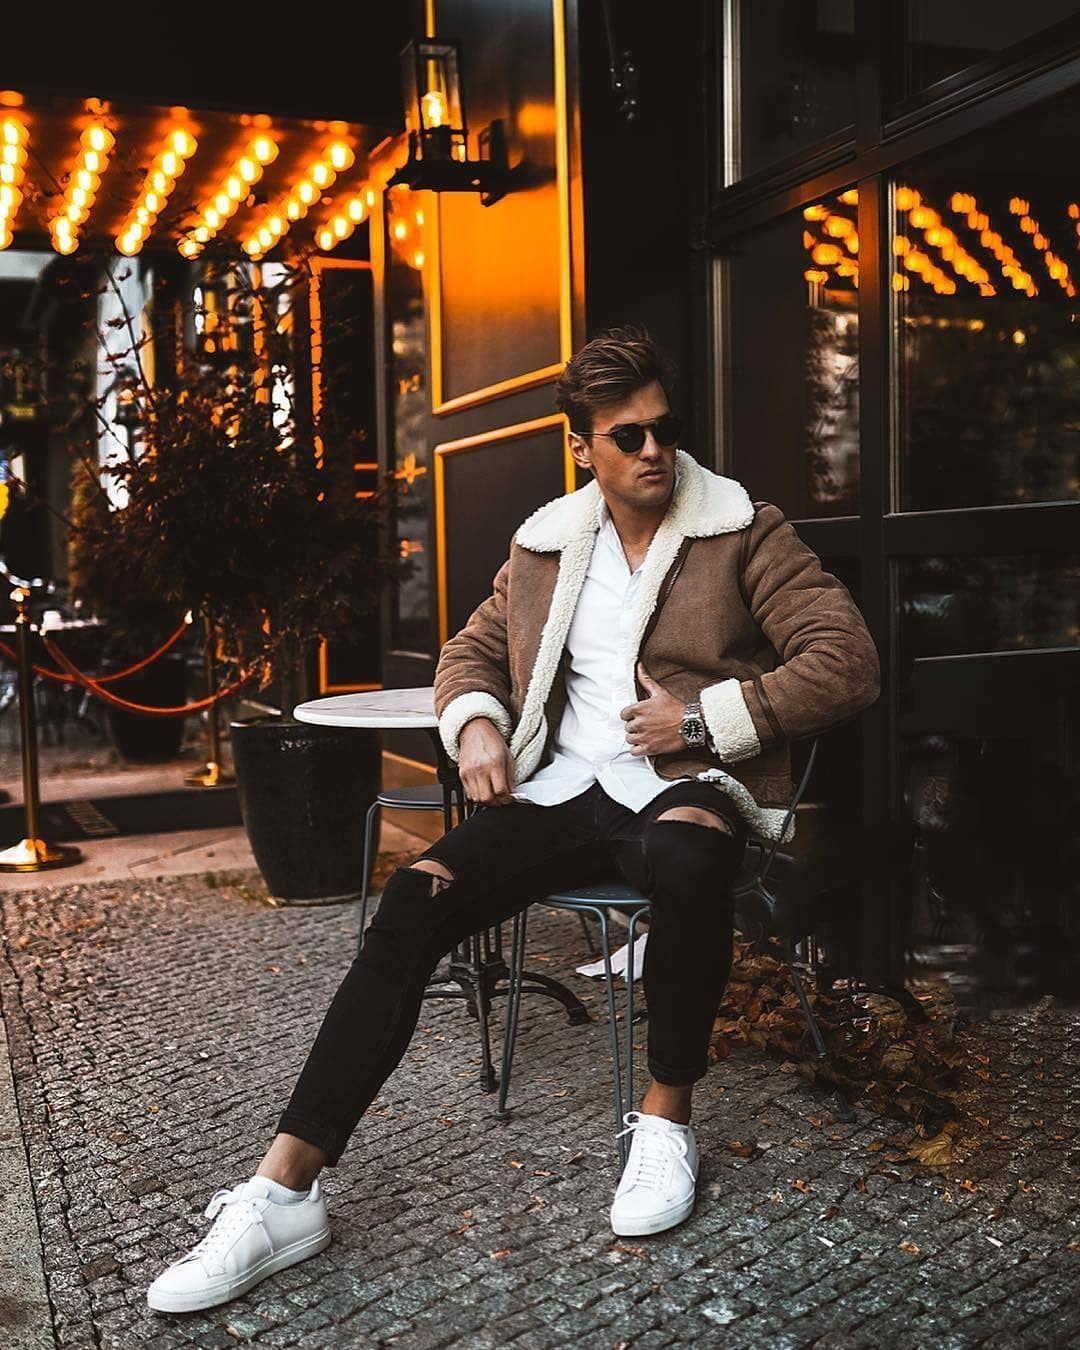 Pin by Kameron Hillman on Men's Coats & Sweaters in 2020